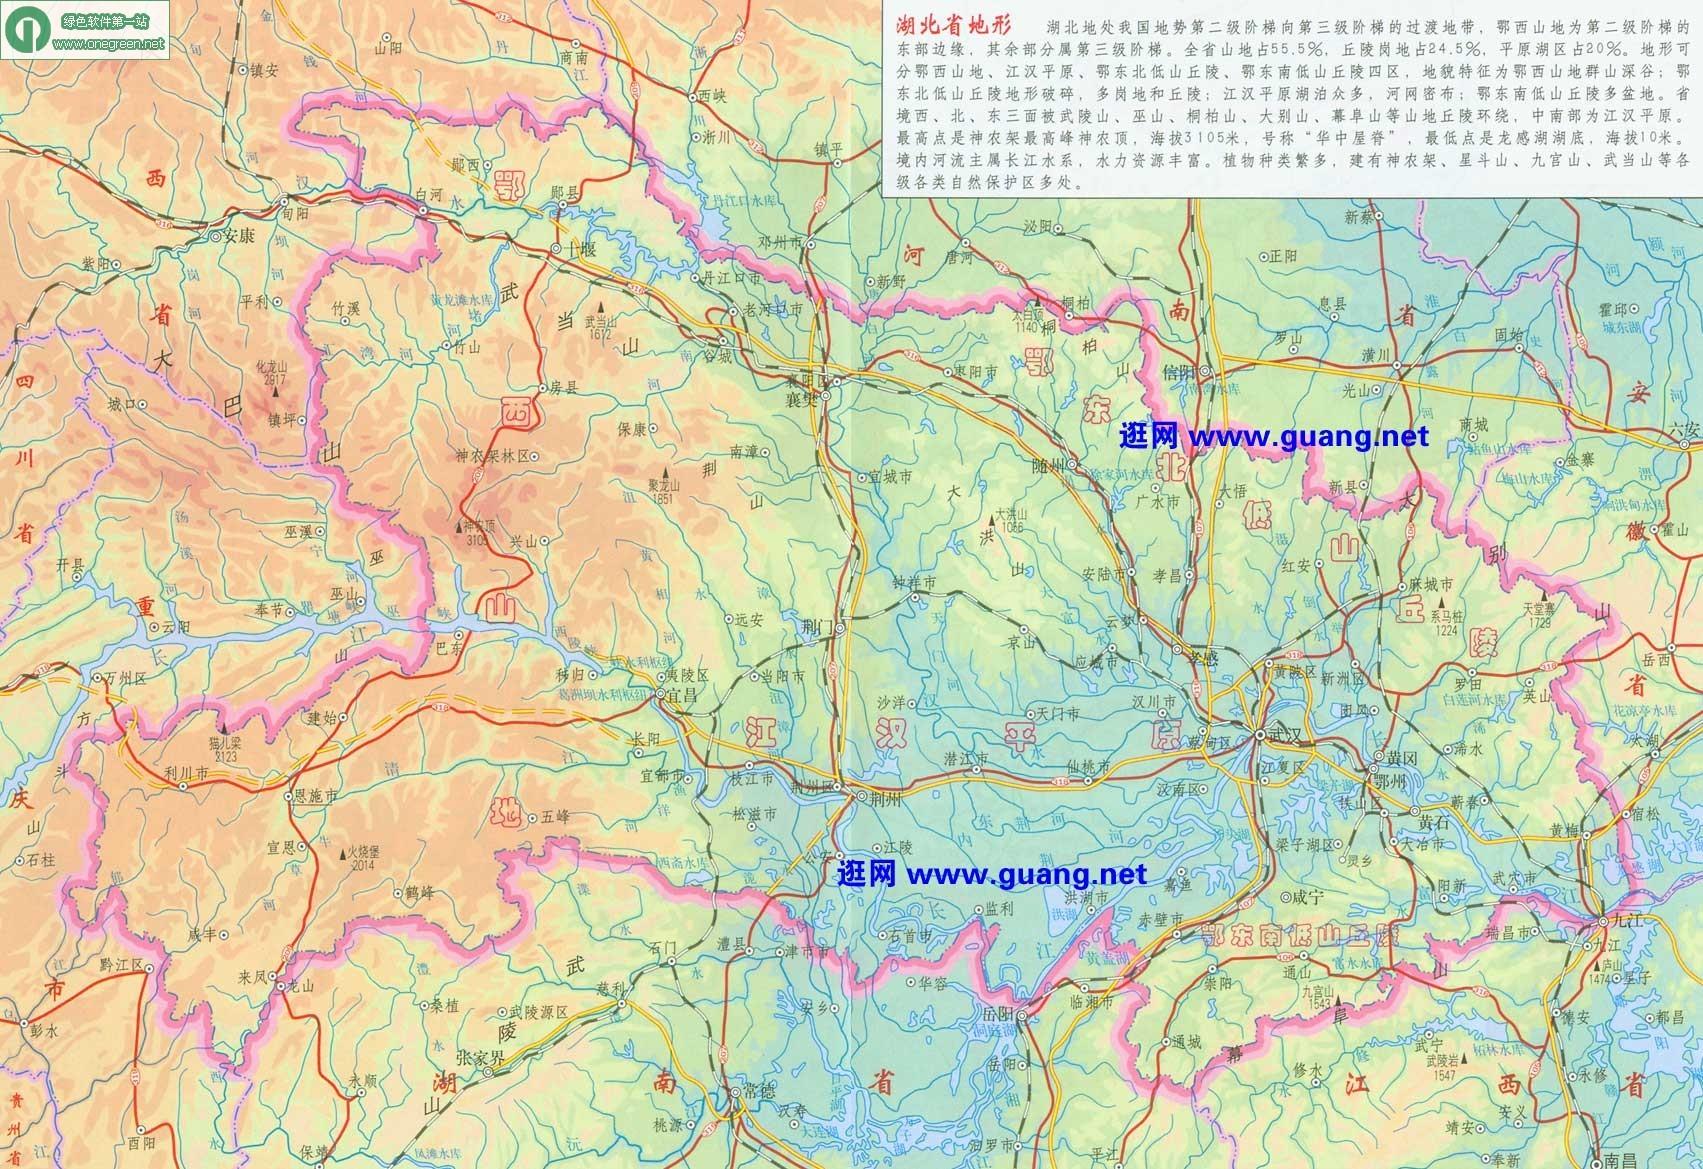 湖北地形图